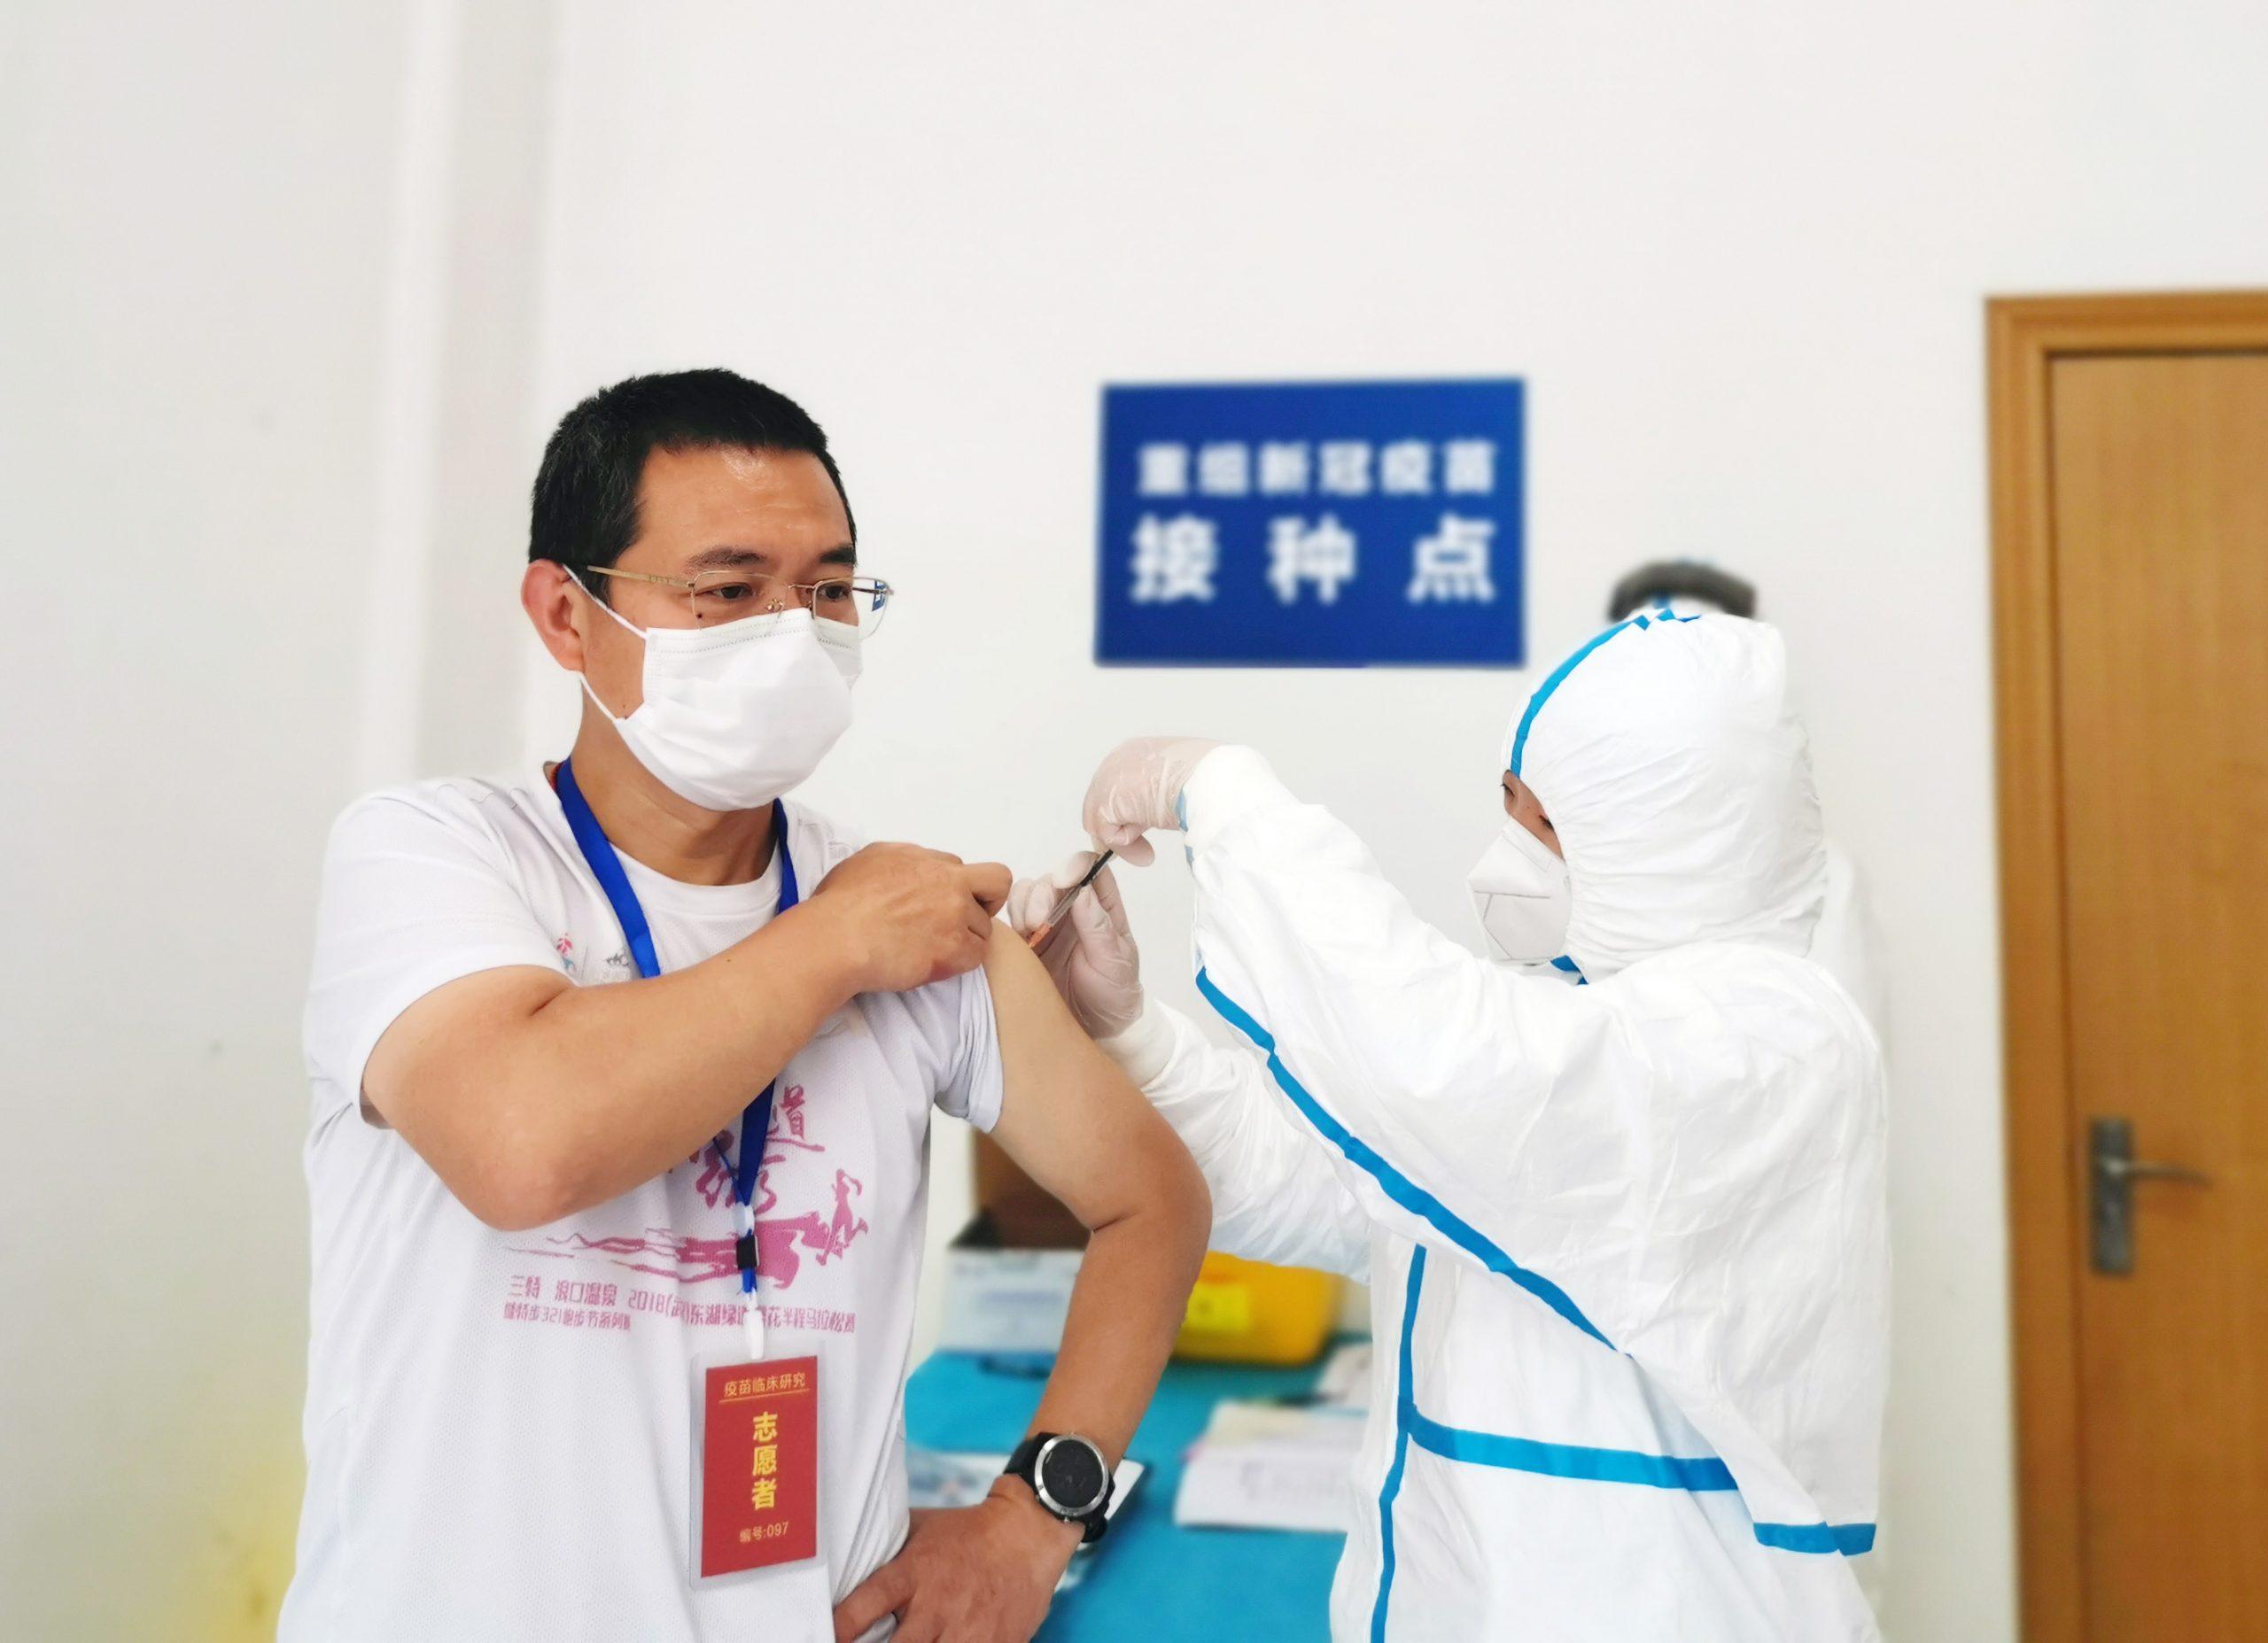 Beijing reporta un caso asintomático importado de COVID-19